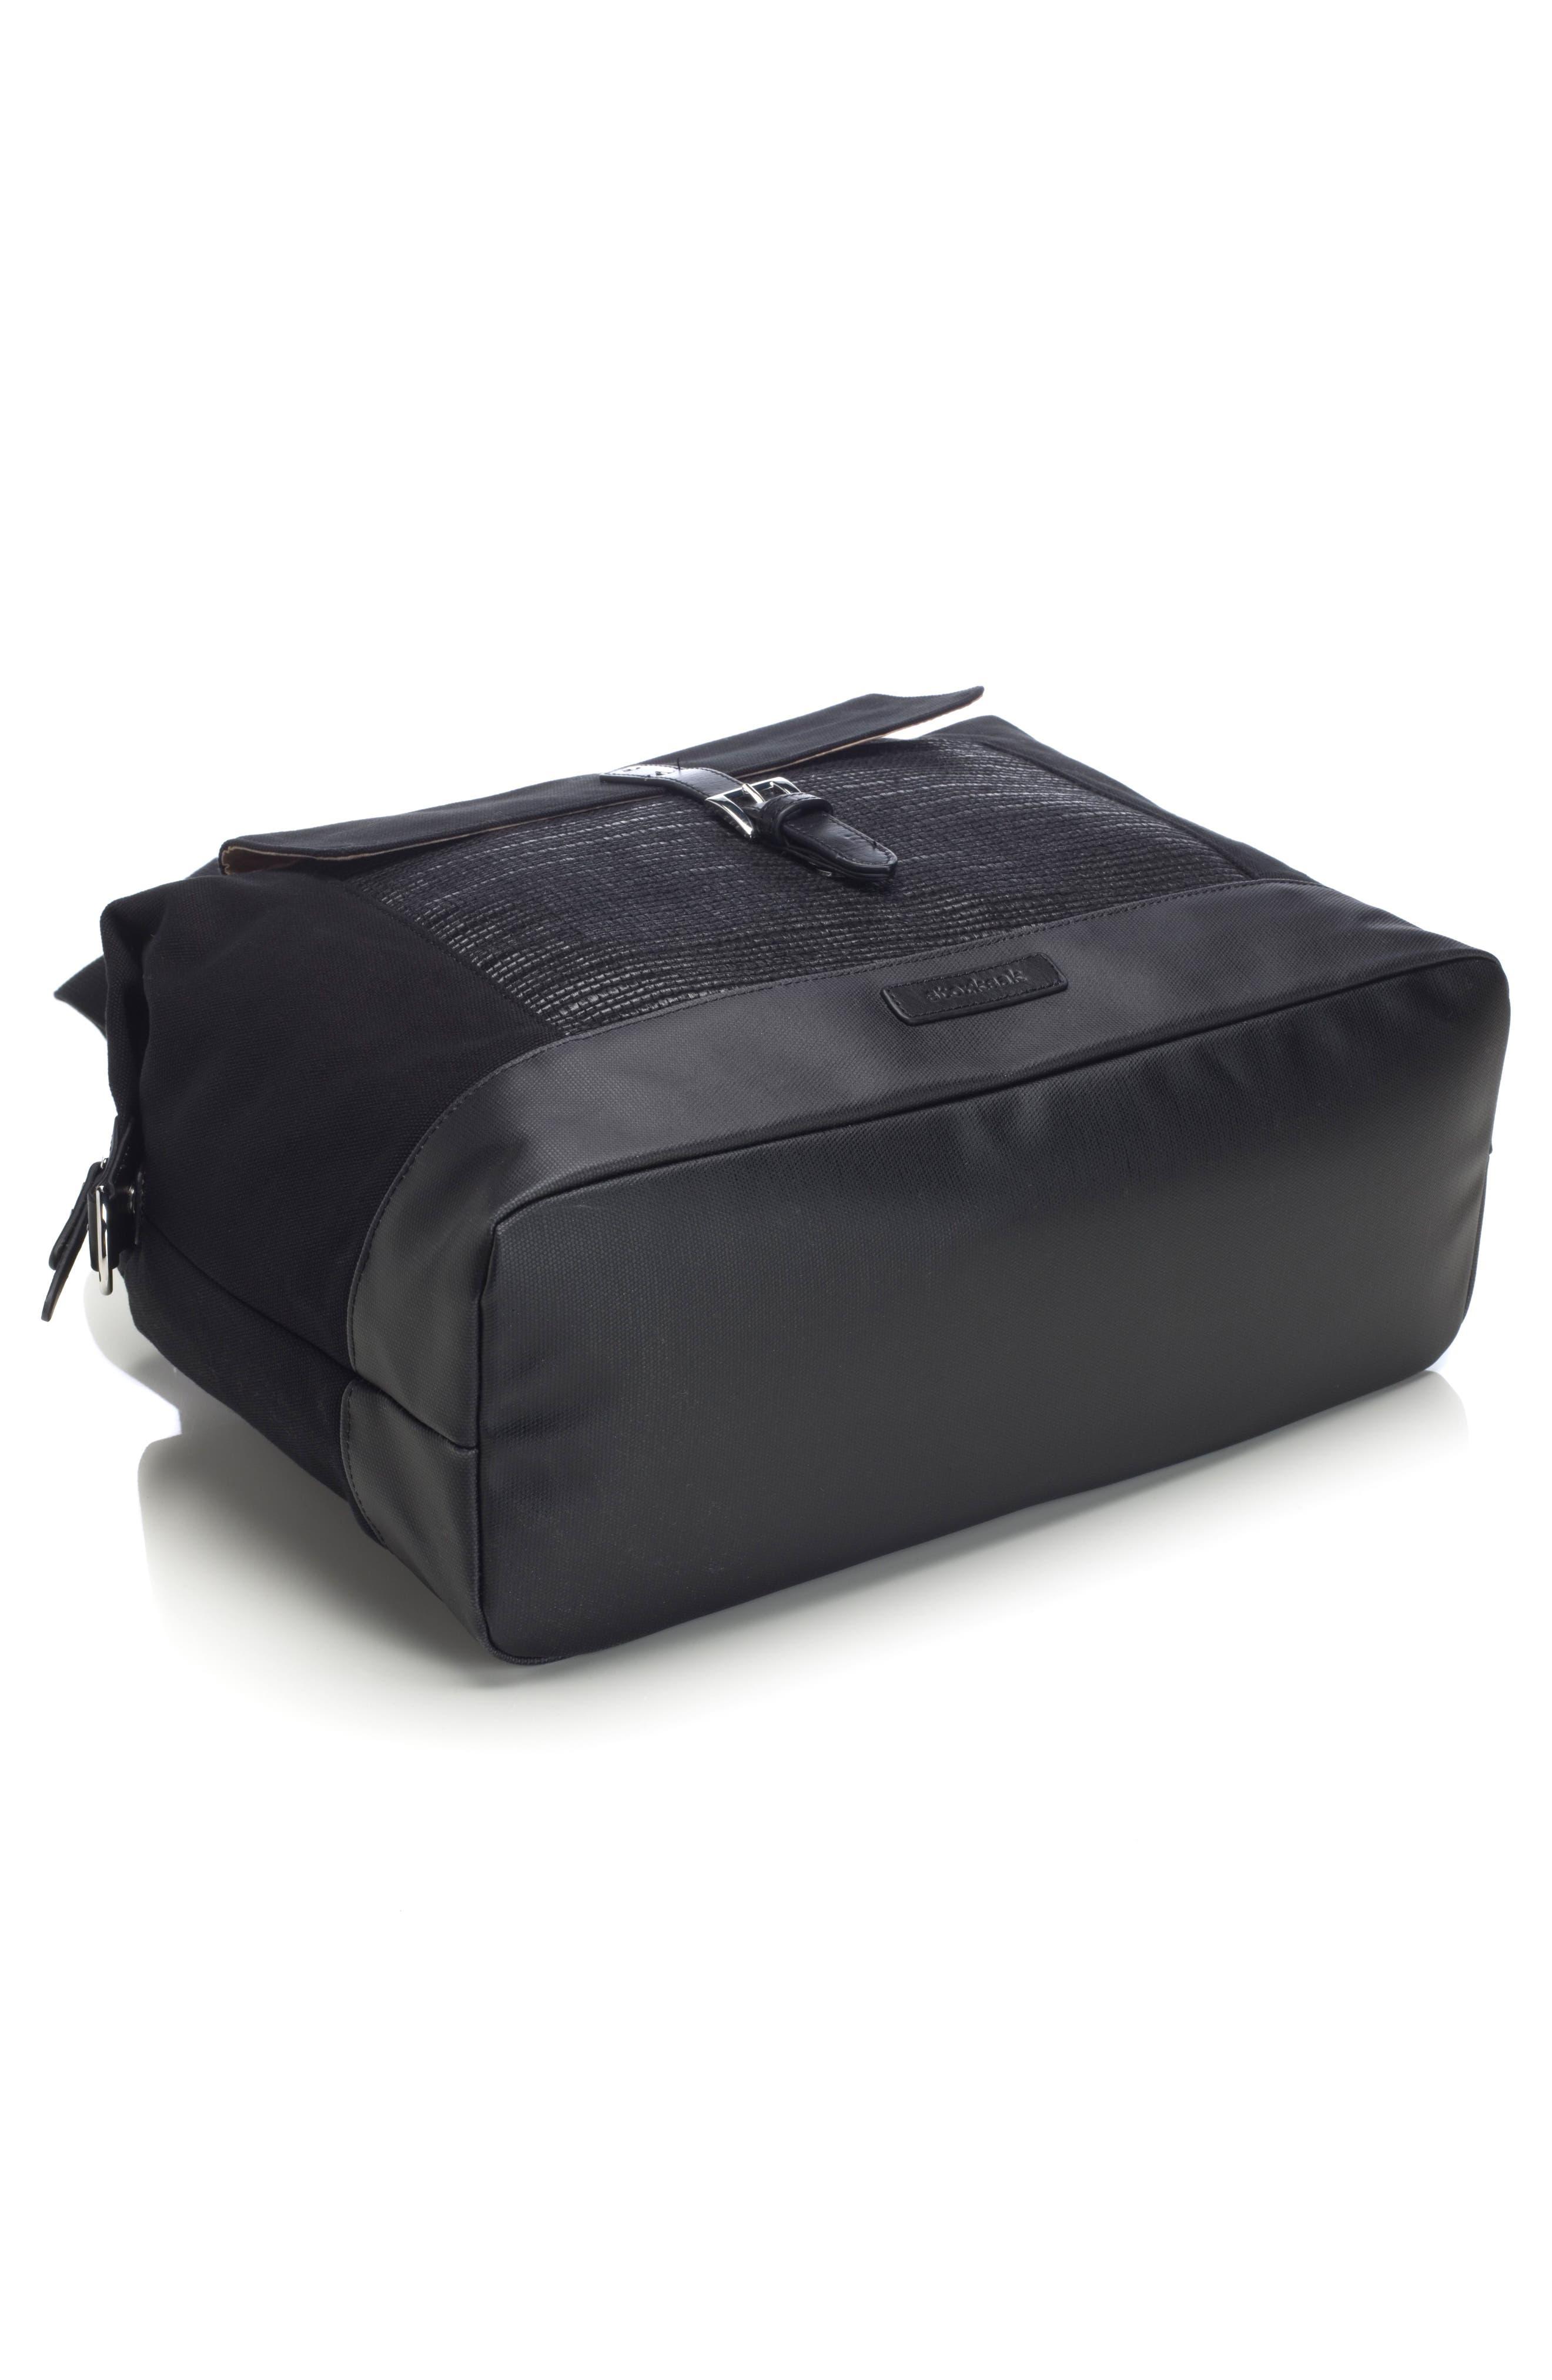 Jude Convertible Diaper Bag,                             Alternate thumbnail 9, color,                             Black